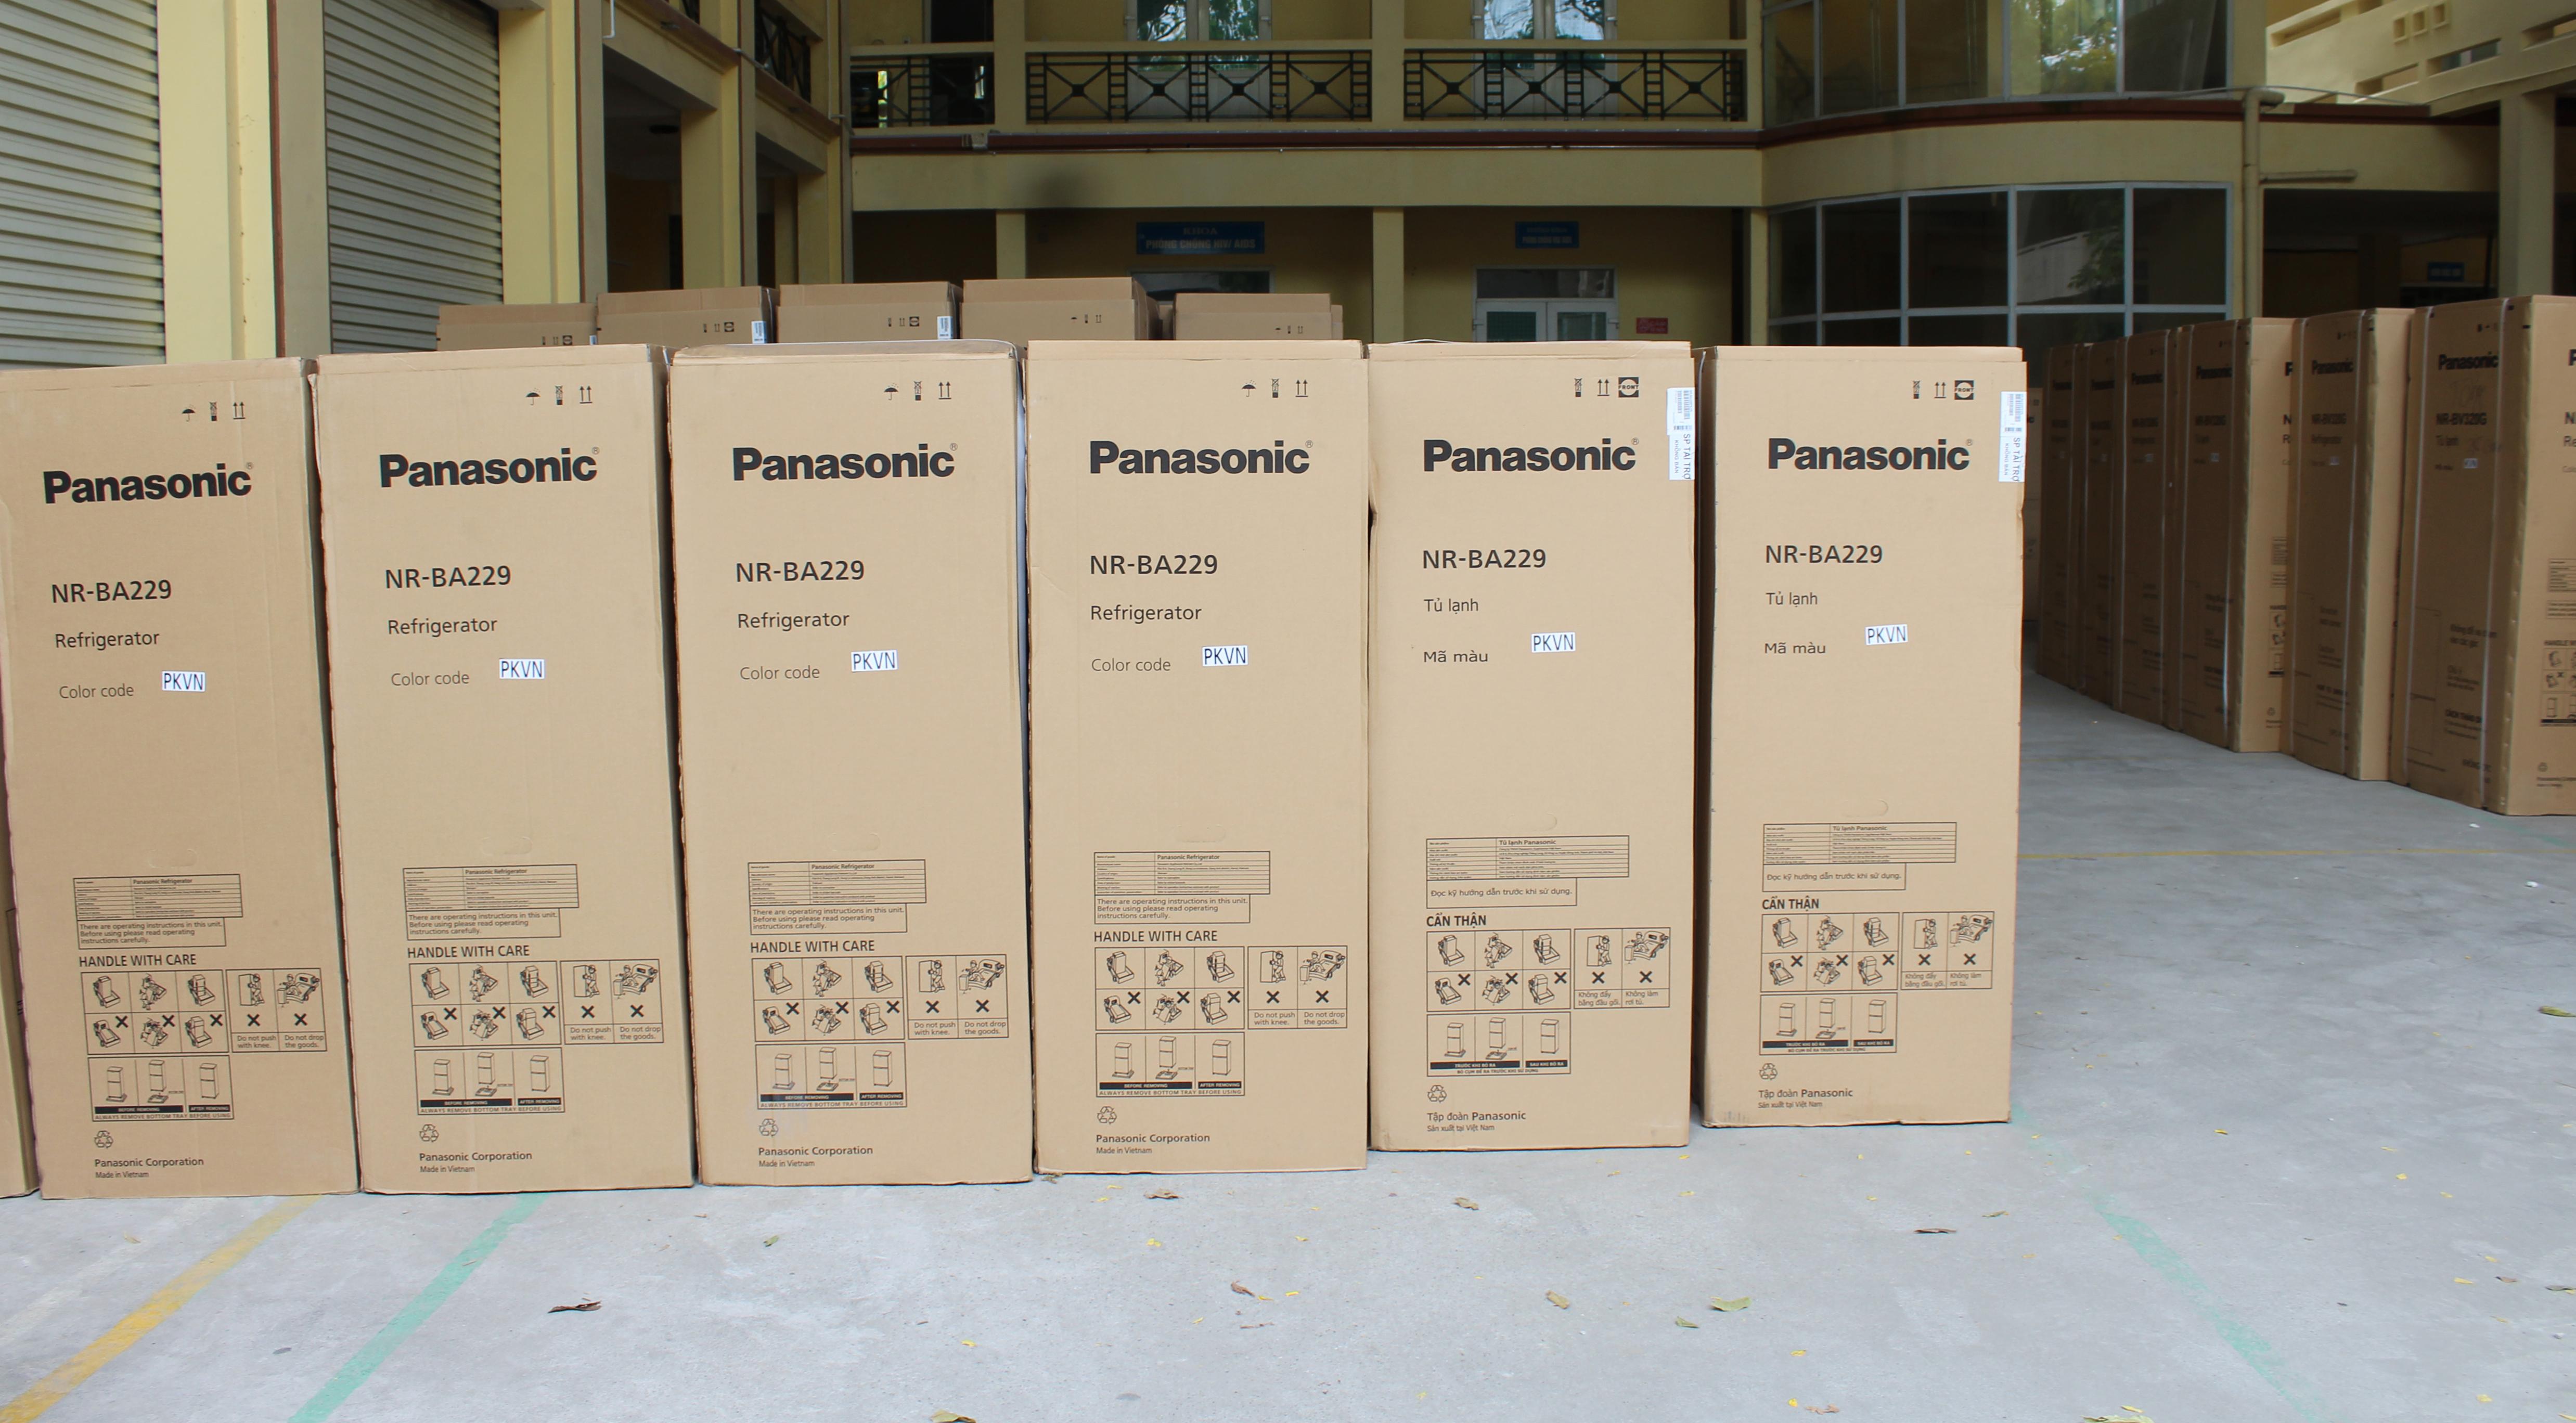 Trung tâm Kiểm soát bệnh tật tiếp nhận tủ lạnh do Panasonic Việt Nam tài trợ